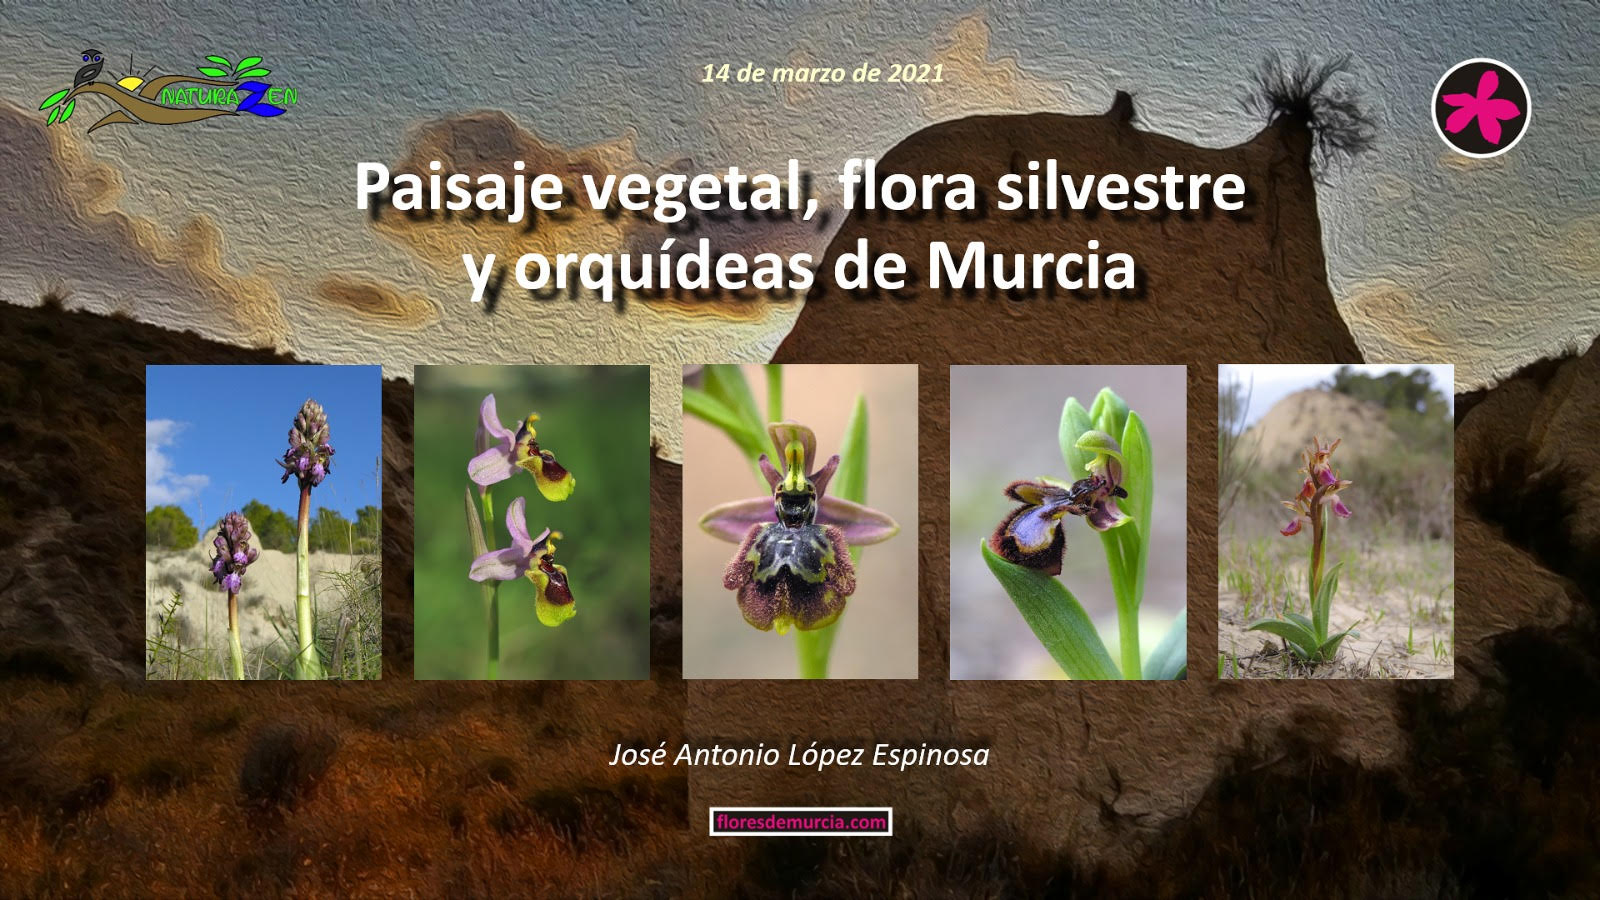 Paisaje vegetal, flora silvestre y orquídeas de Murcia, con